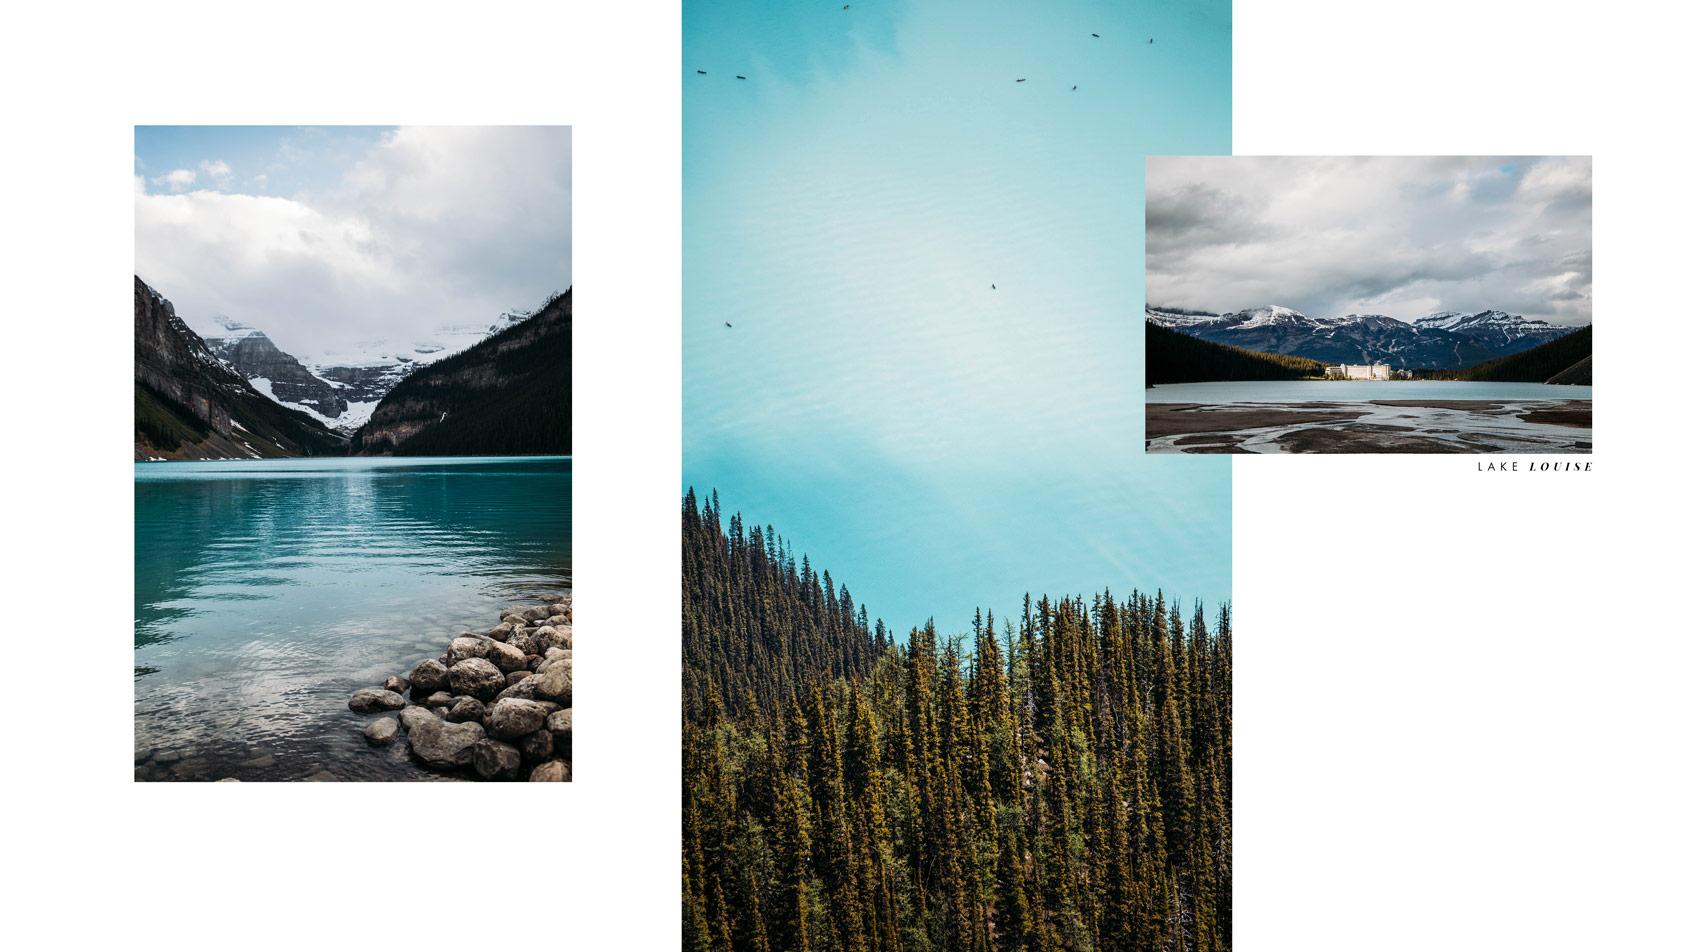 voir lac louise ouest canadien